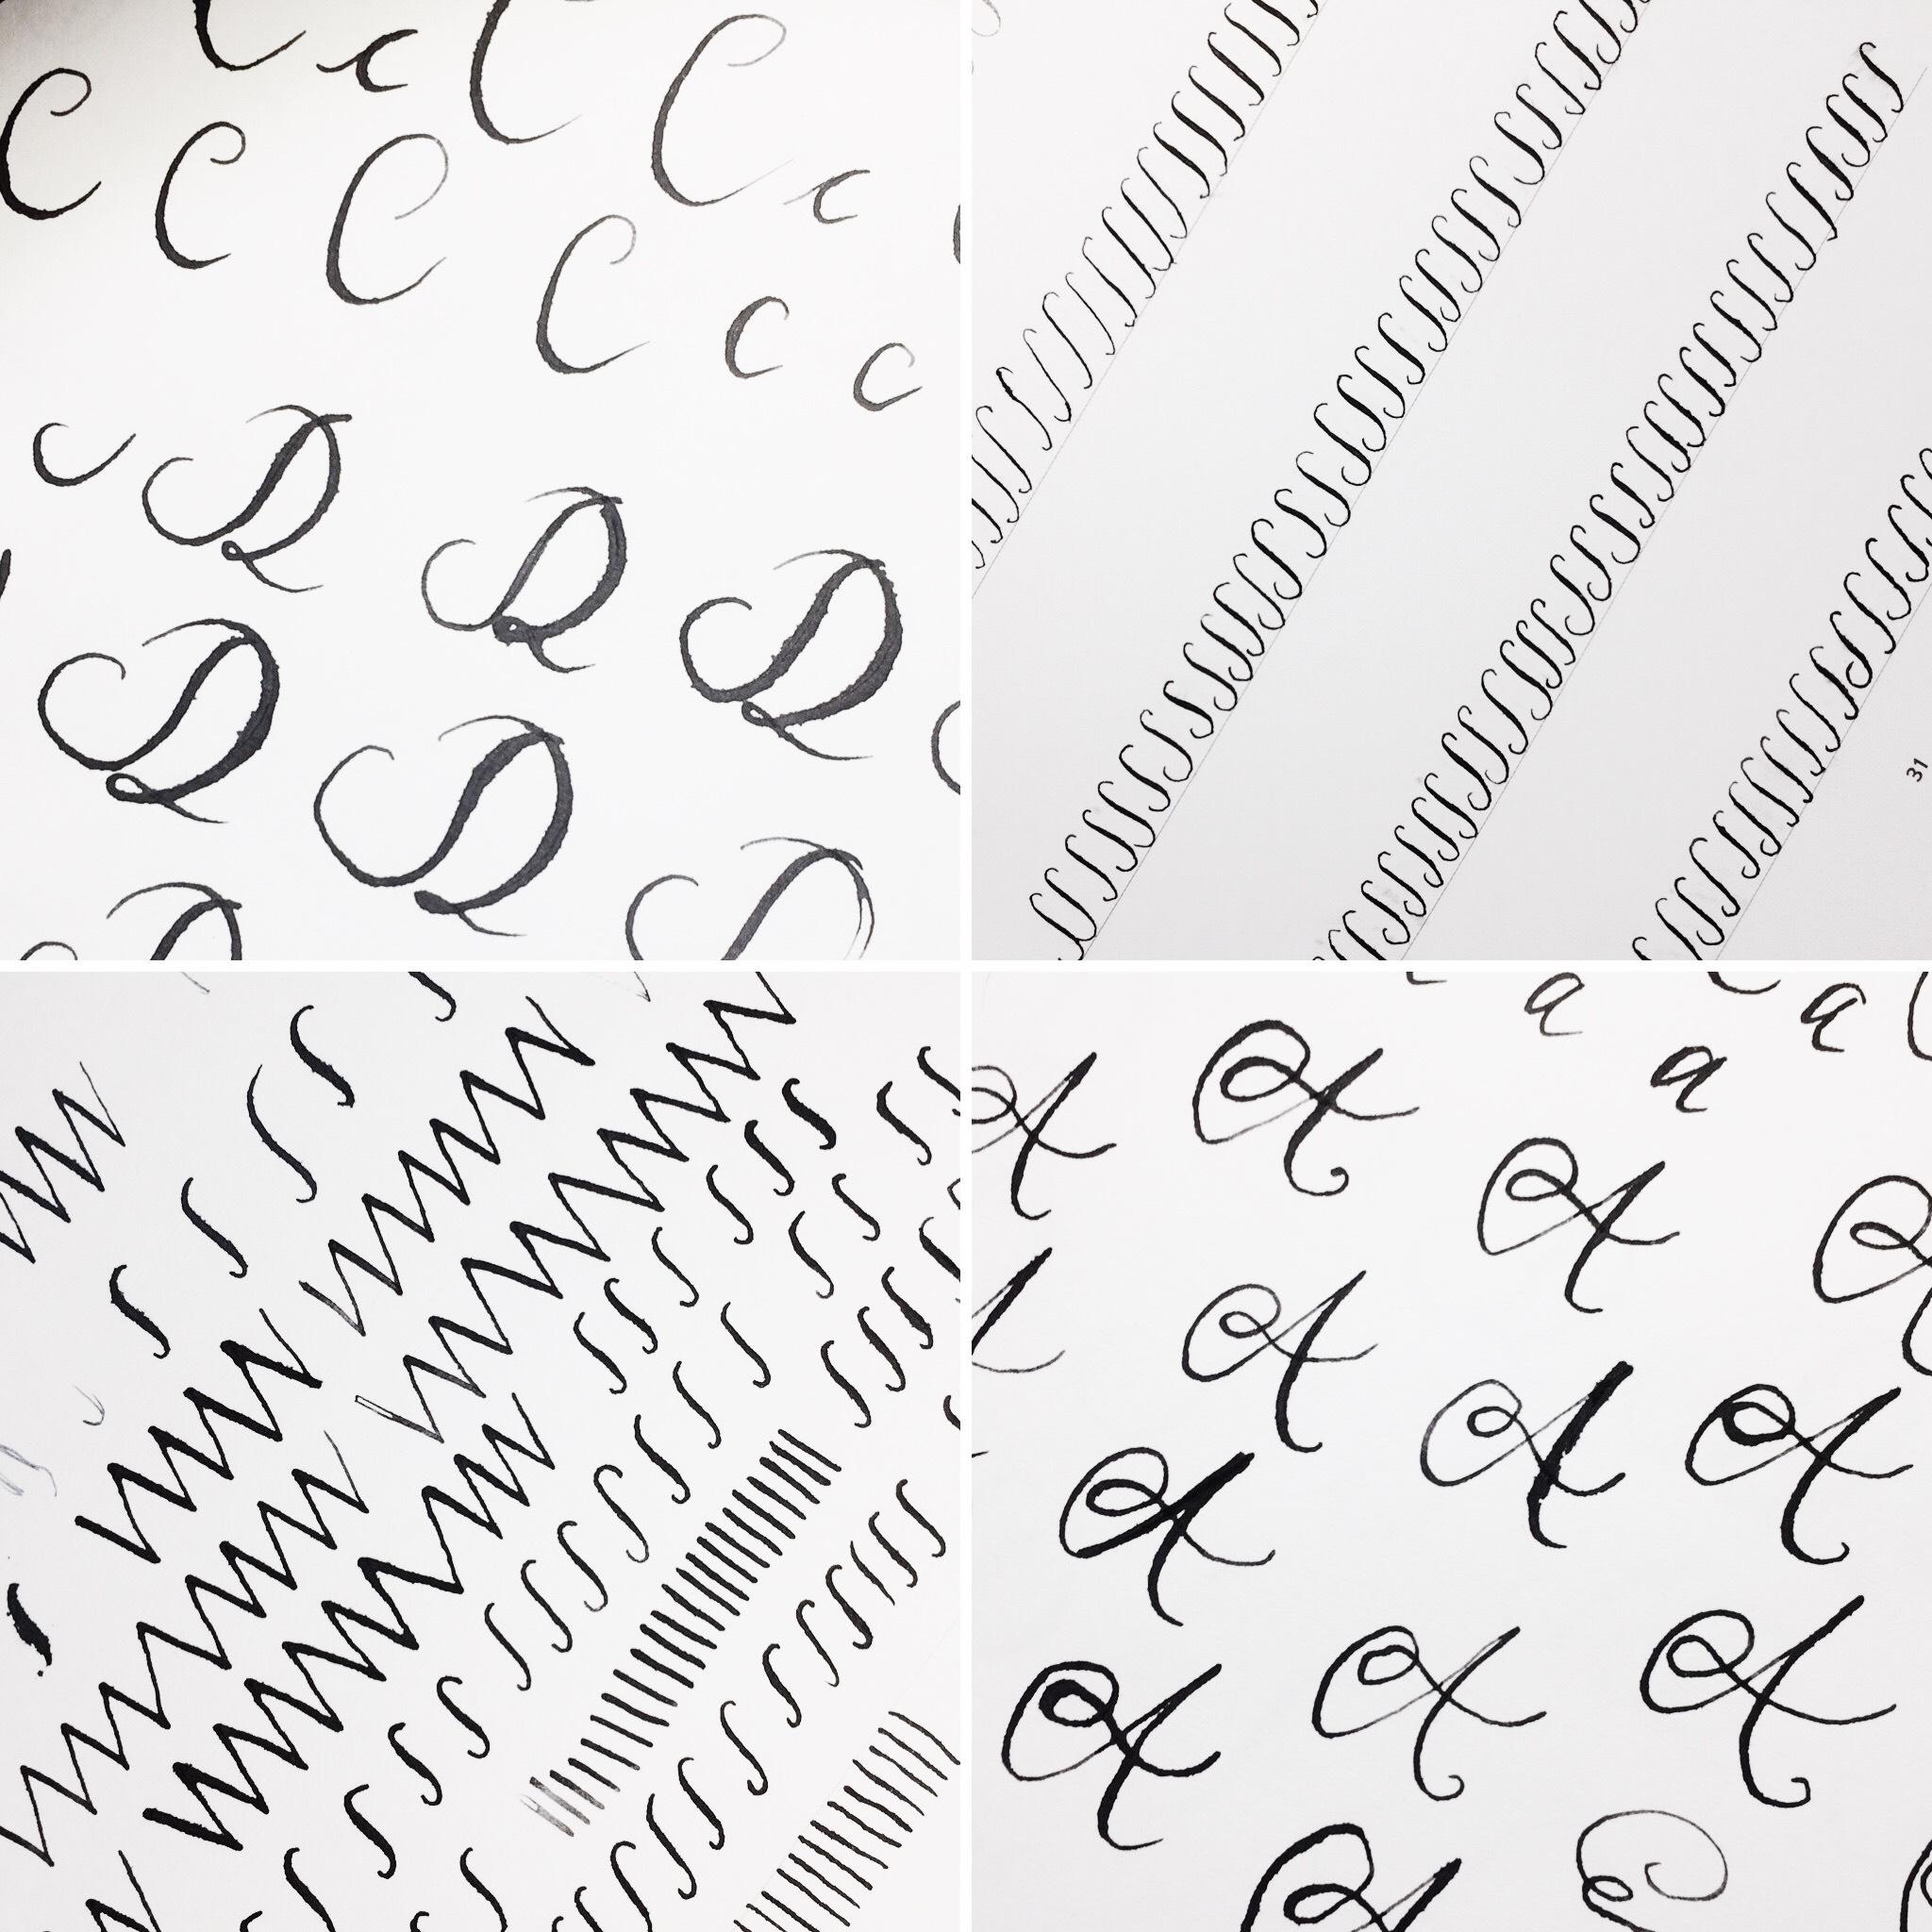 calligraphyexample